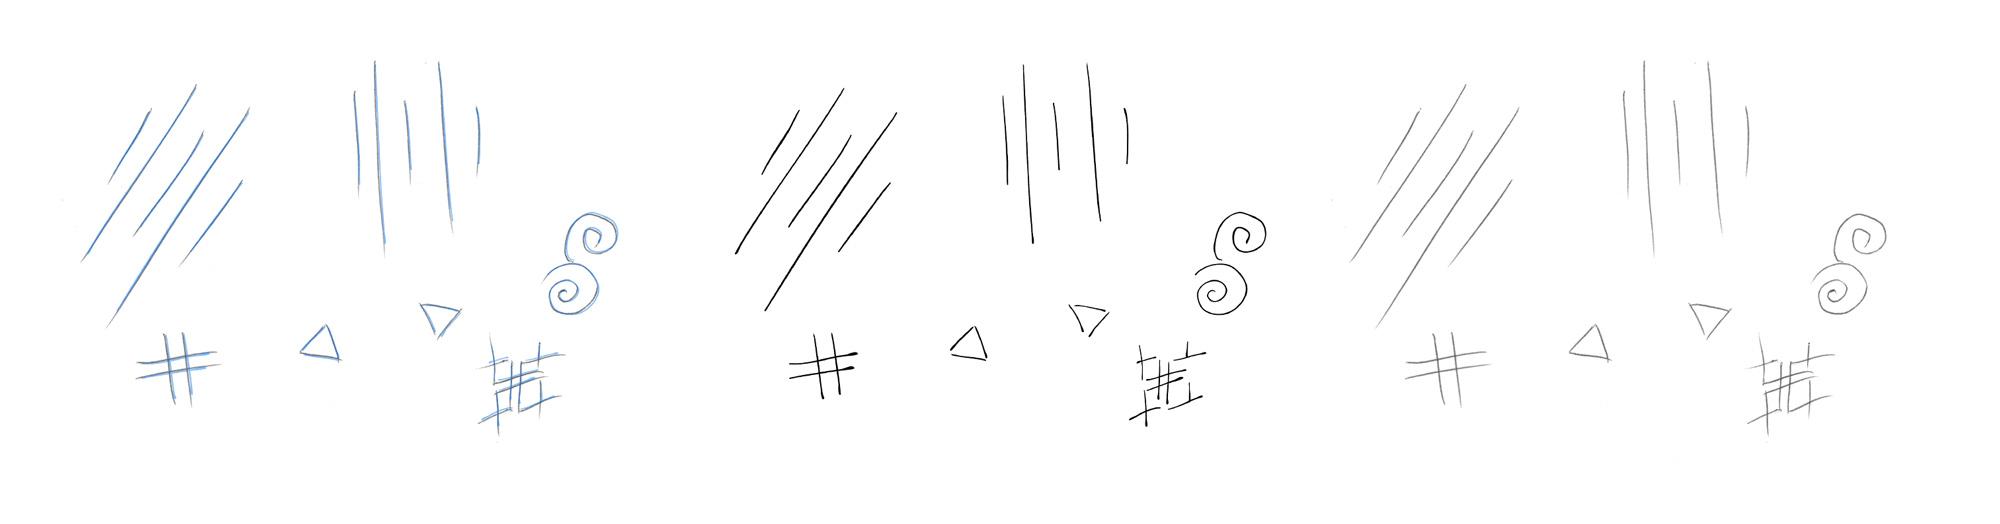 wacom-bamboo-spark-porownanie-szkicu-i-wektora-2